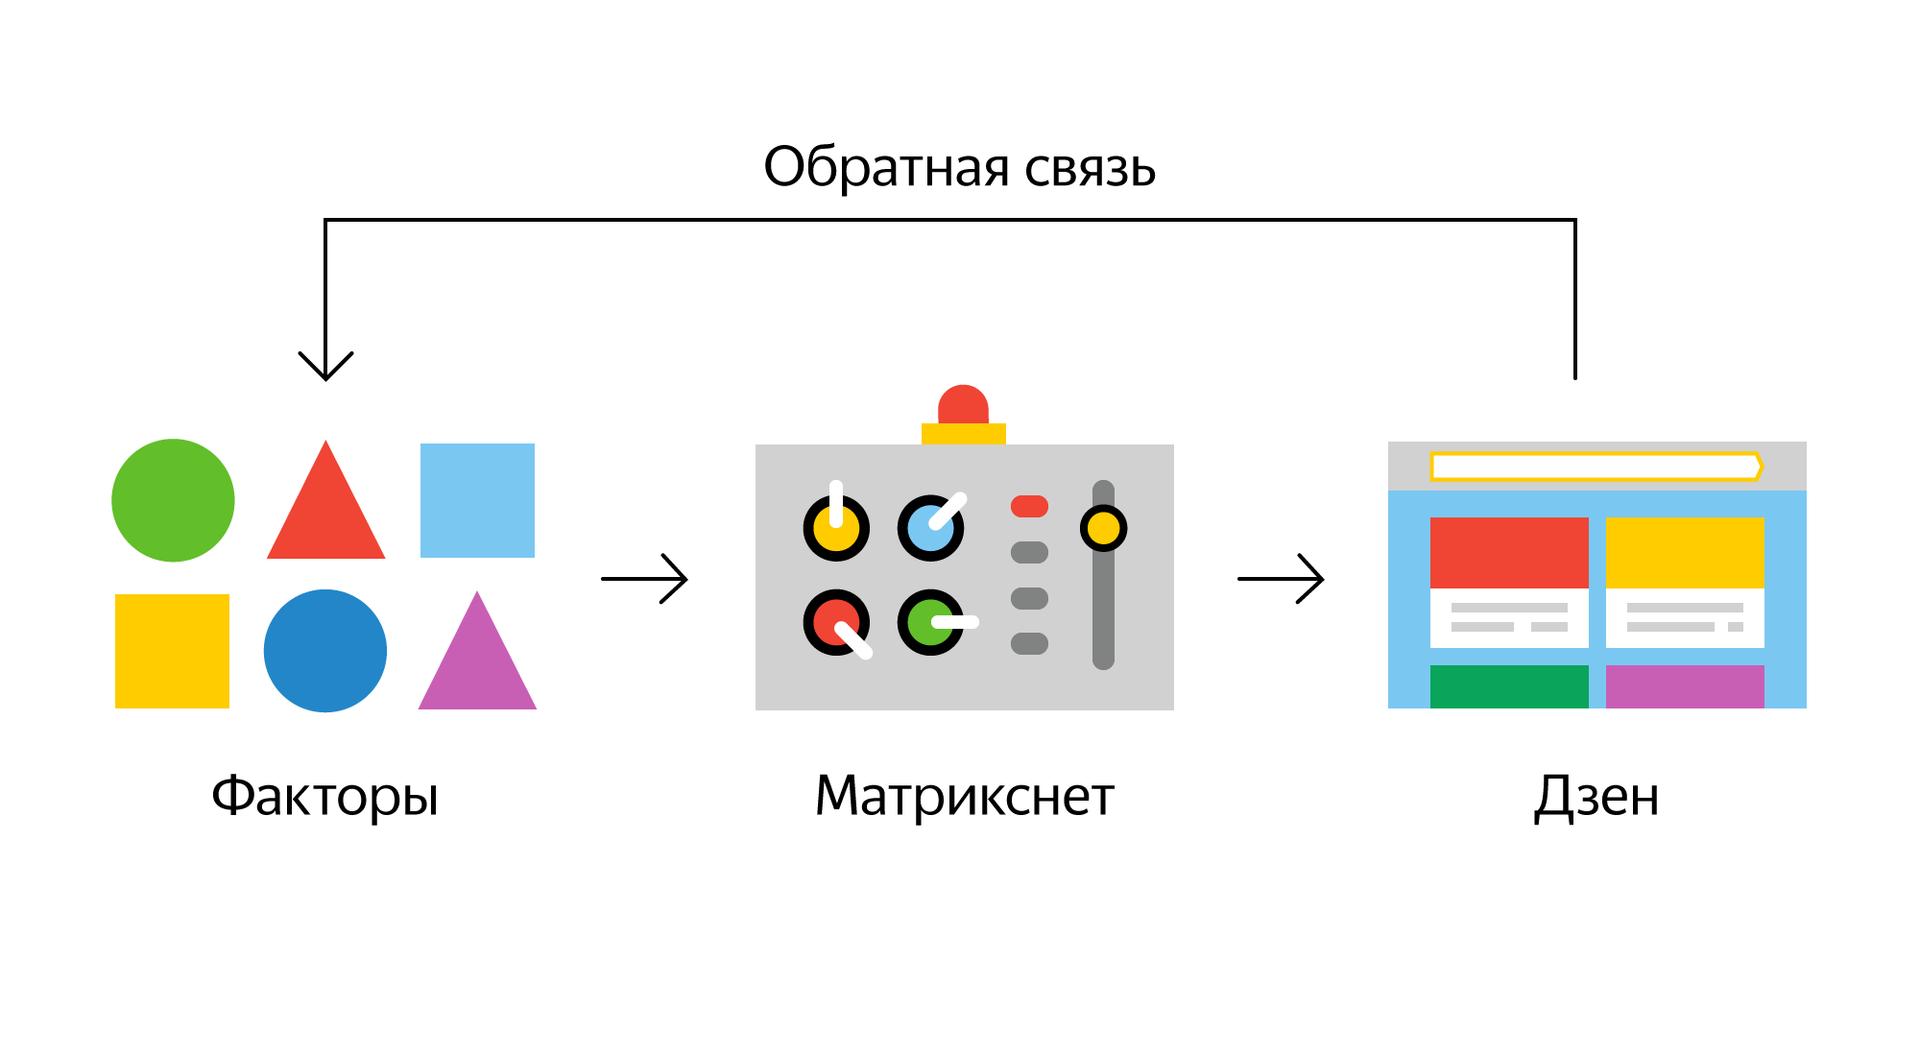 Будущее браузеров и искусственный интеллект. Дзен в Яндекс.Браузере - 3